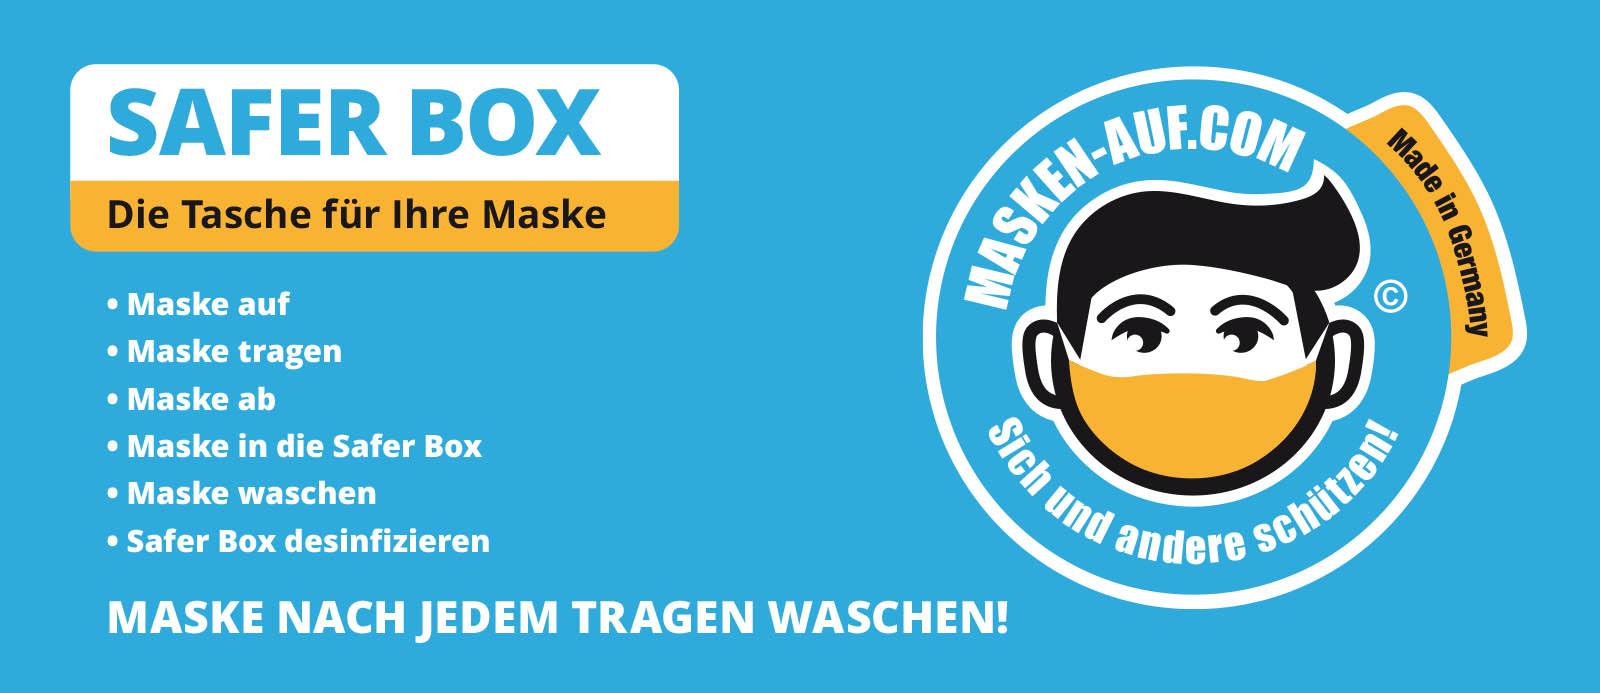 Safer-Box für Masken von masken-auf